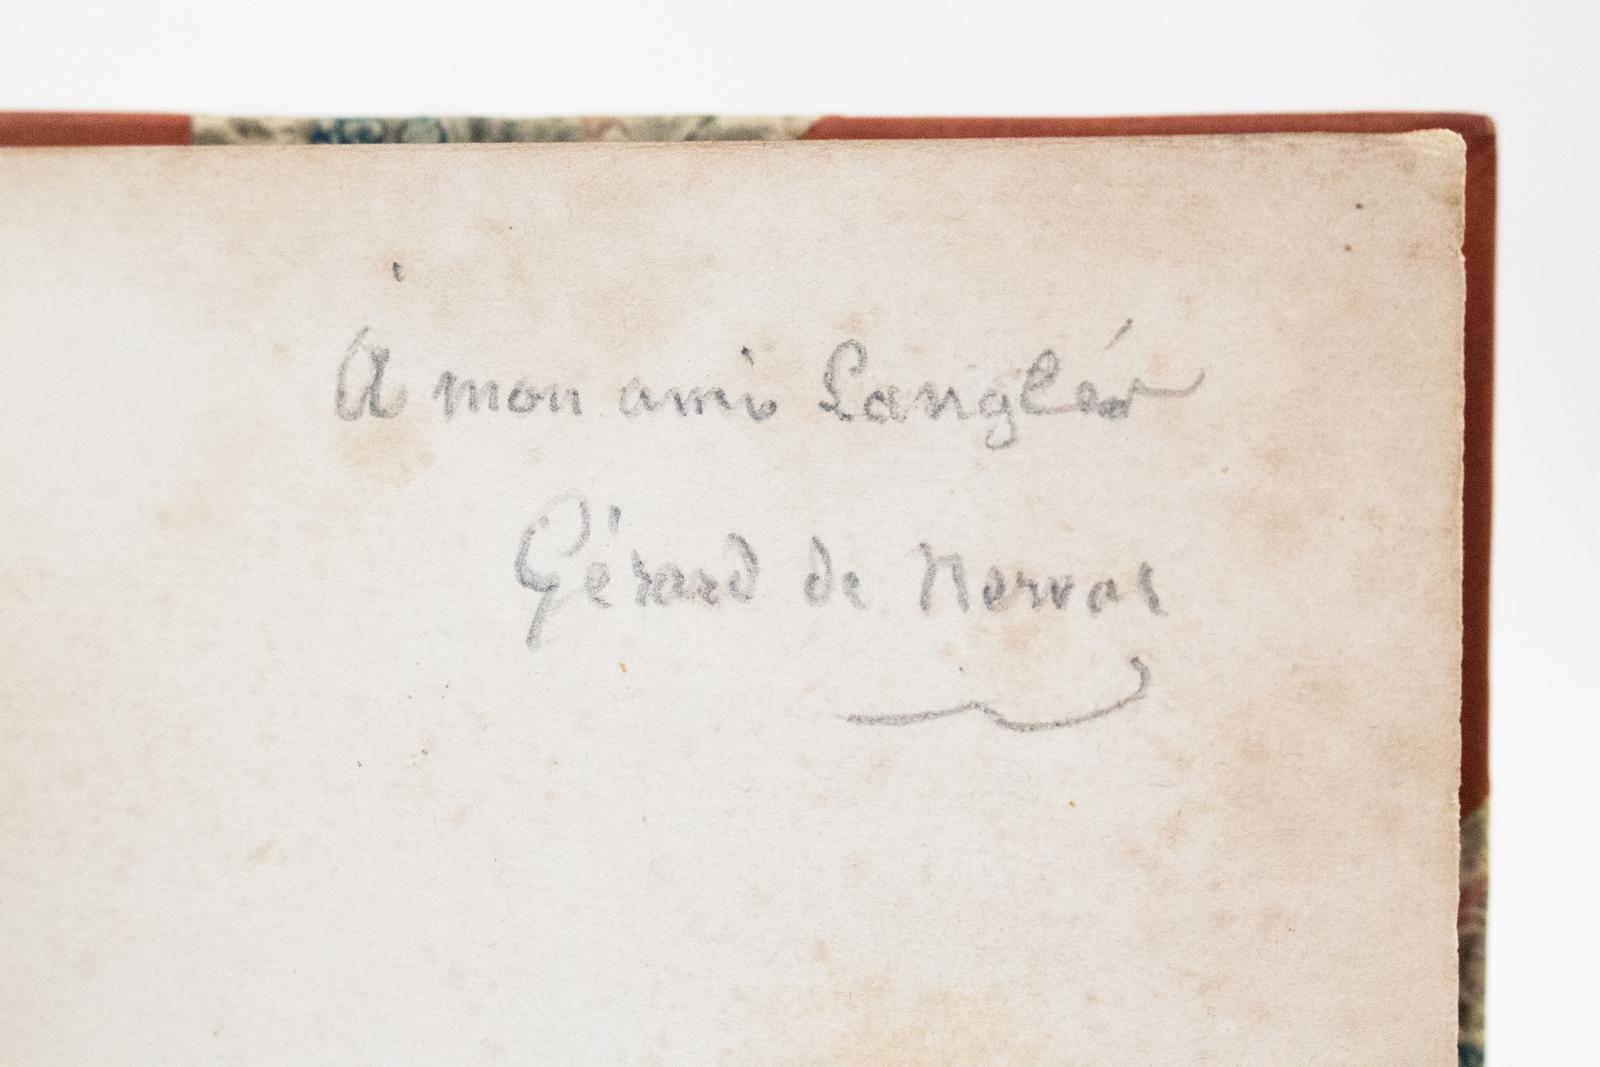 viaLibri ~ Rare Books from 1852 - Page 13